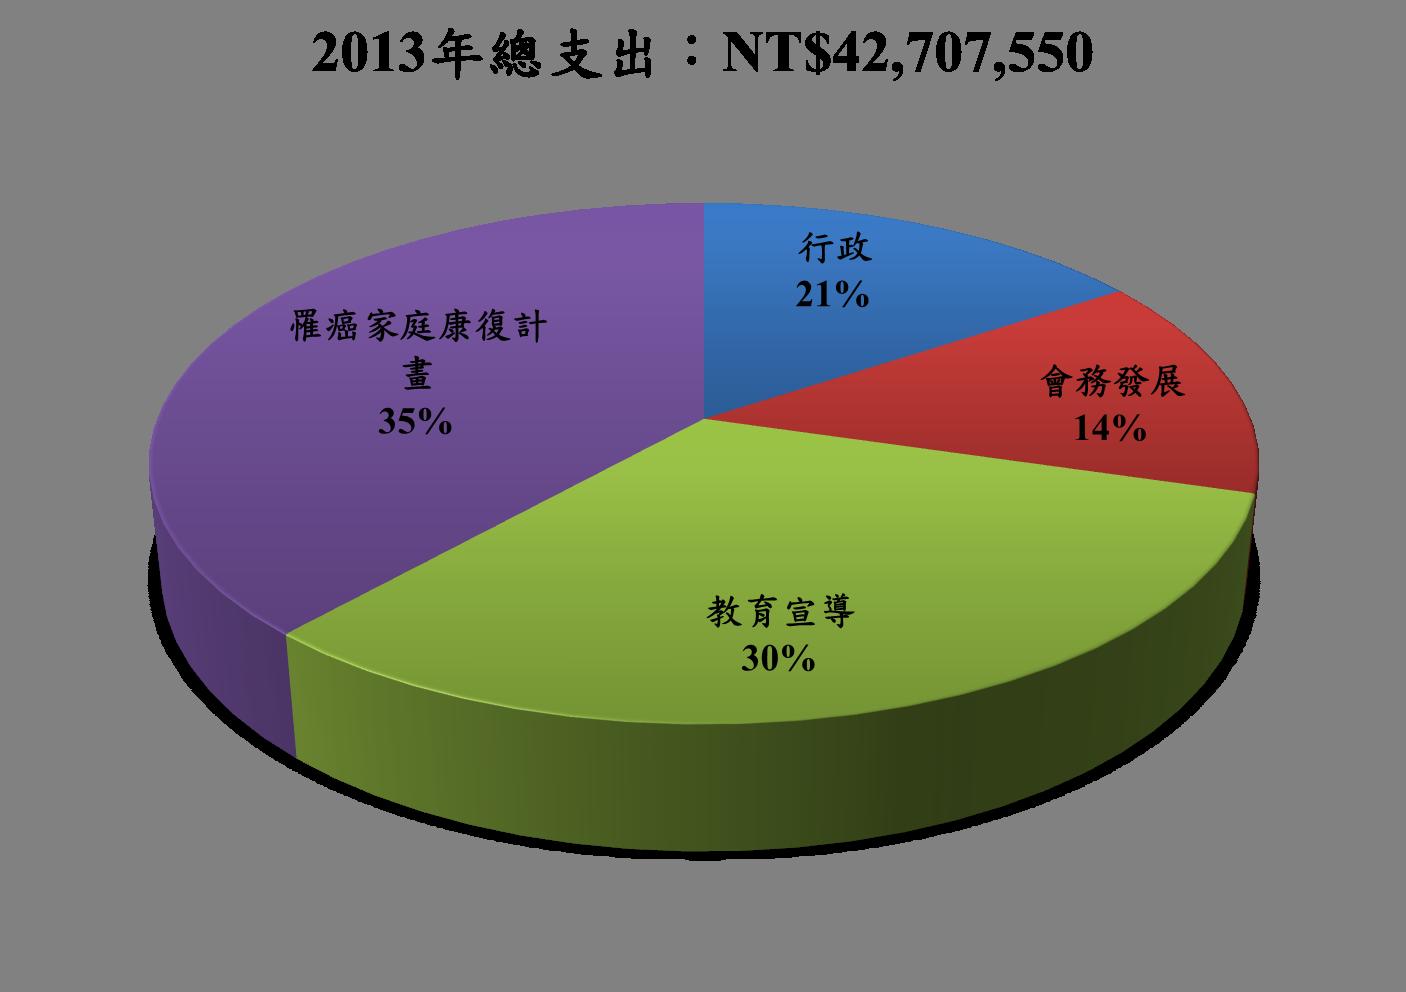 2013總支出